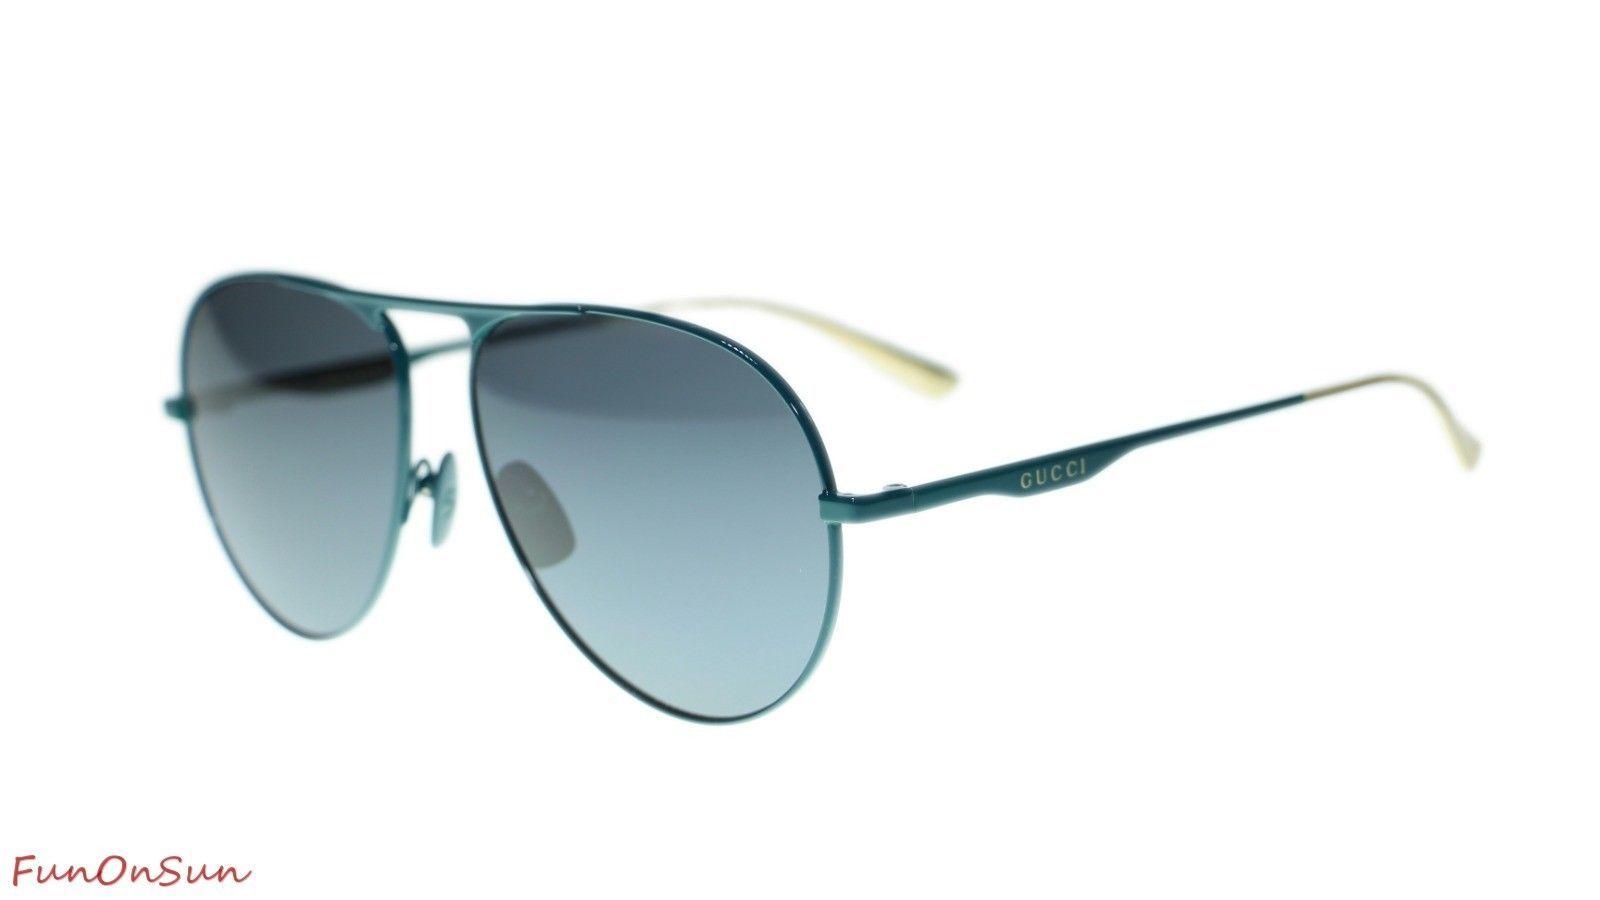 42d197295e372 10. 10. Previous. NEW Gucci Sunglasses GG0334S 003 Green Grey Lens Pilot  60mm Authentic. NEW Gucci Sunglasses ...